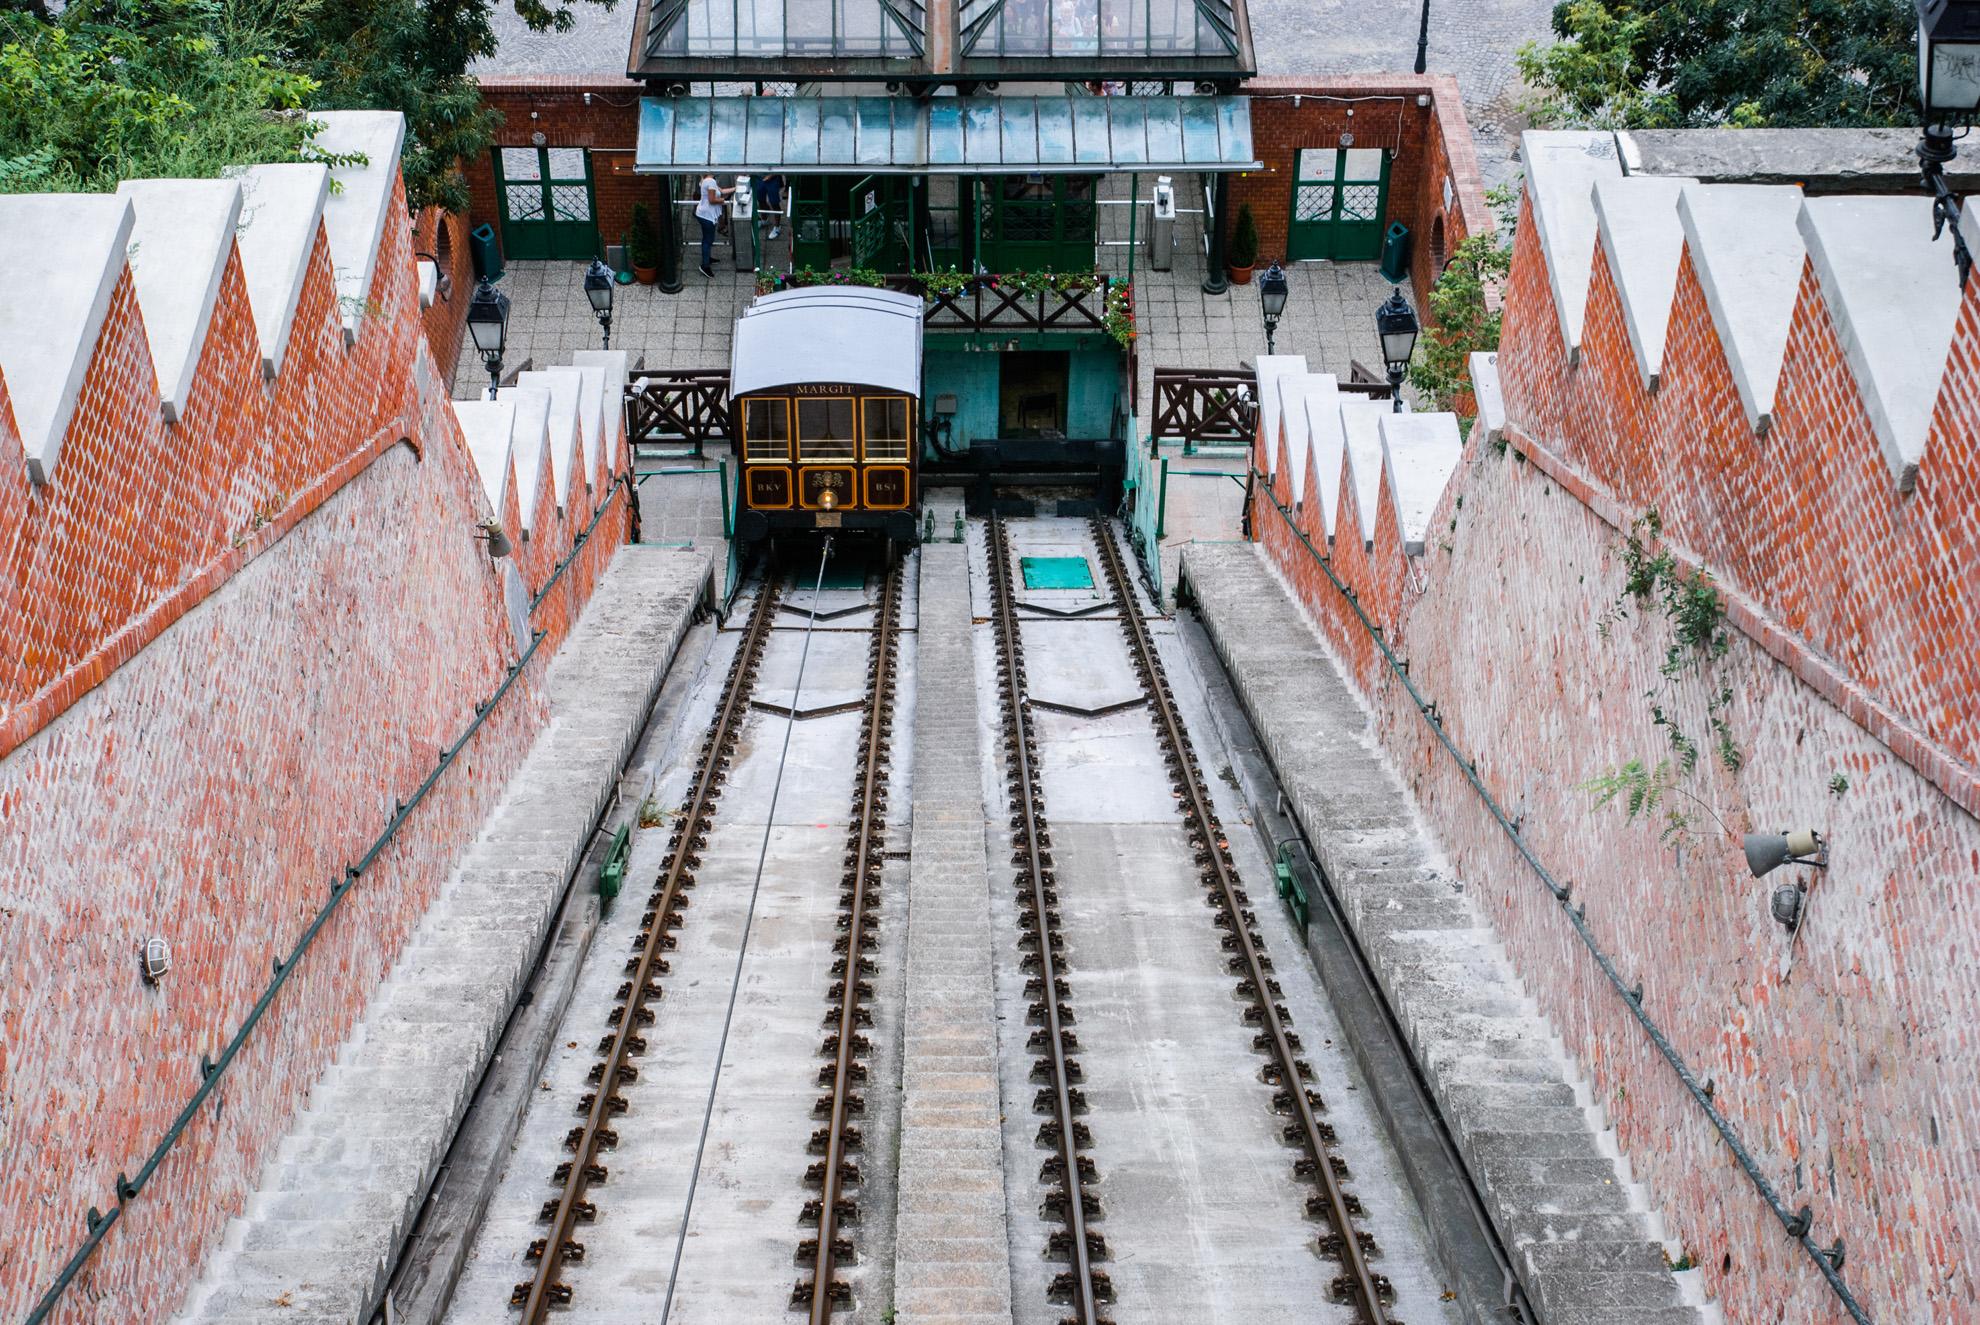 Kolejka na Wzgórze Zamkowe w Budapeszcie